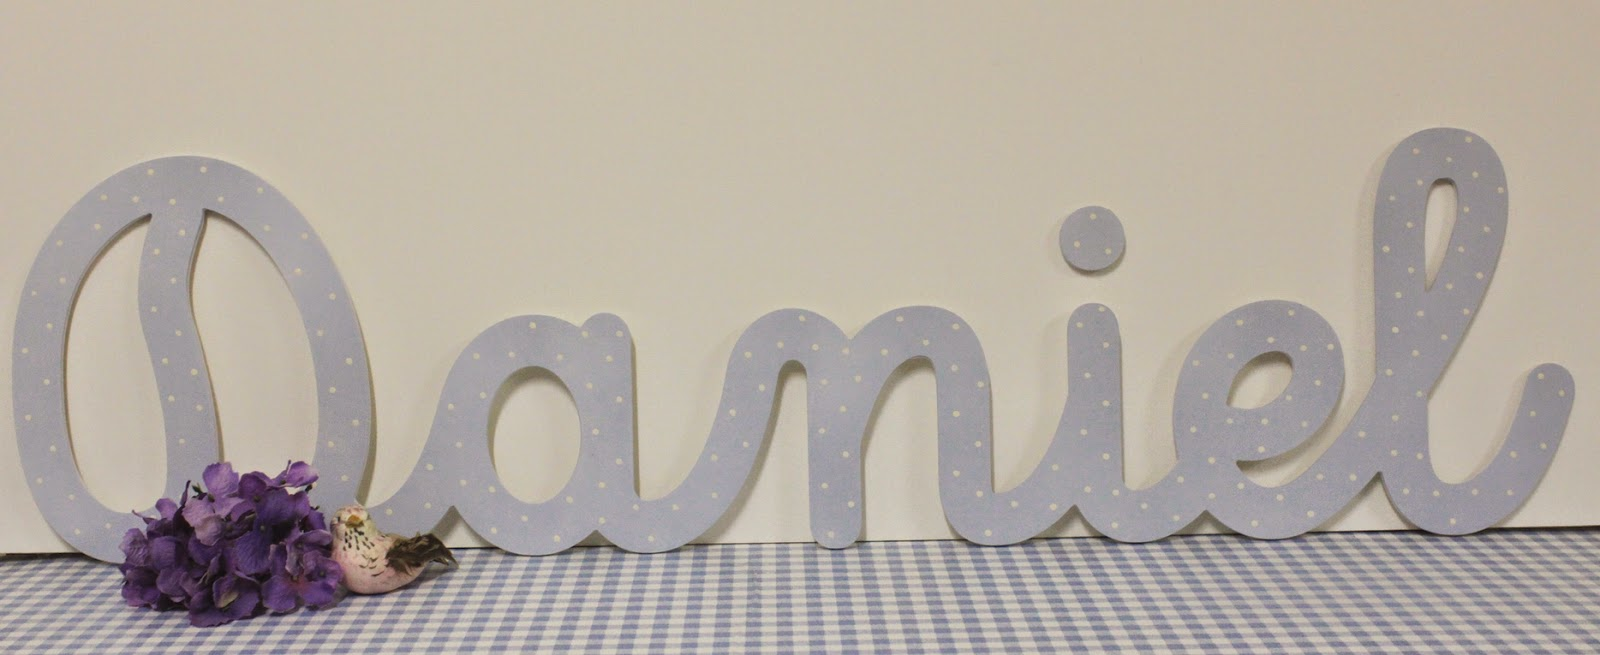 letras-caligrafía-infantil-personalizadas-azules